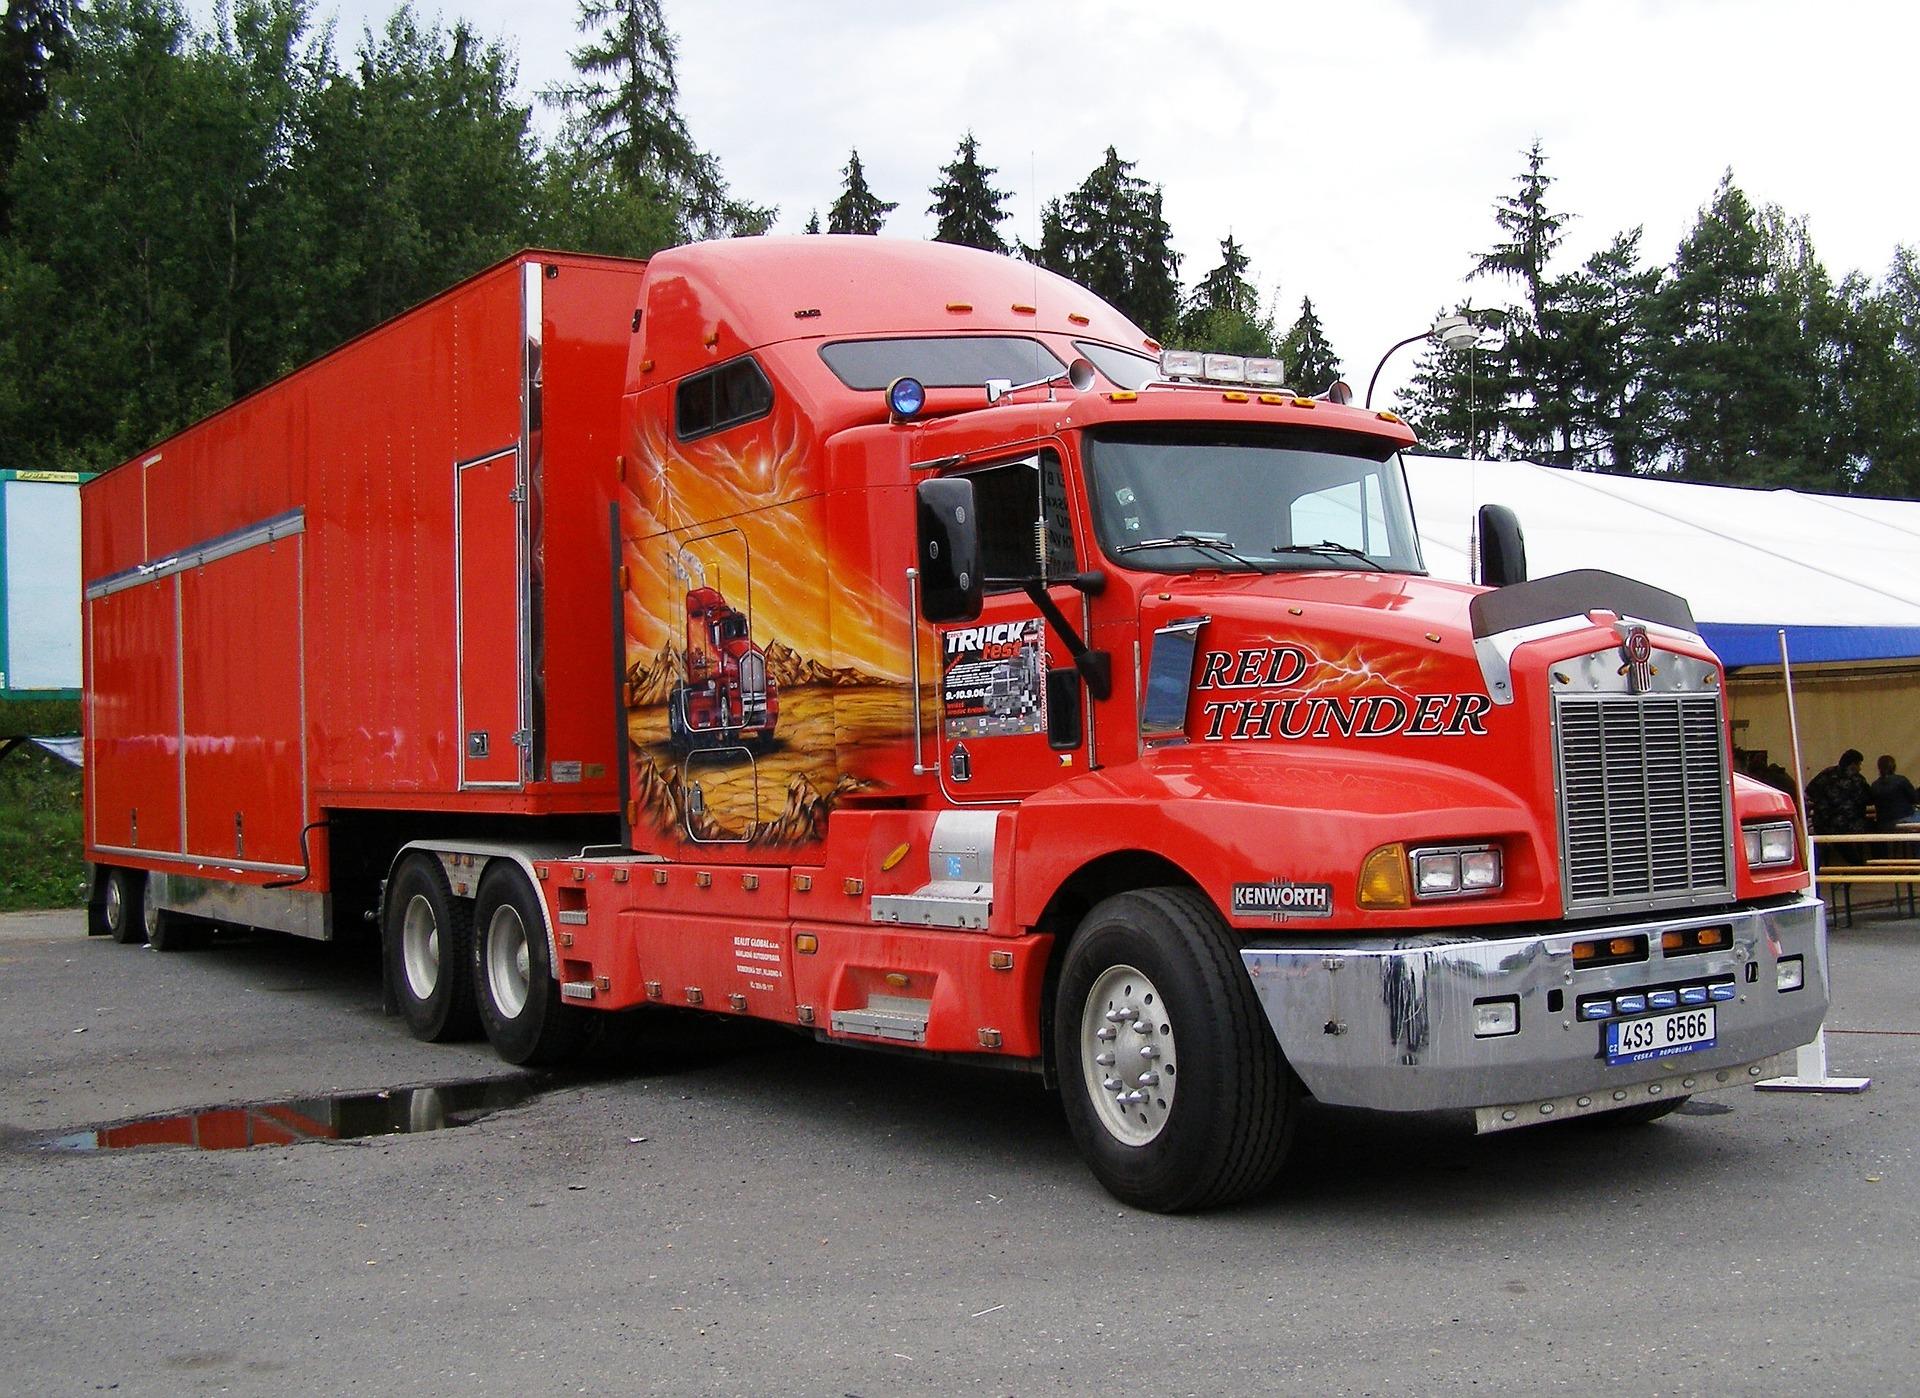 Kierowca ciężarówki - praca dla fanów dużej mocy